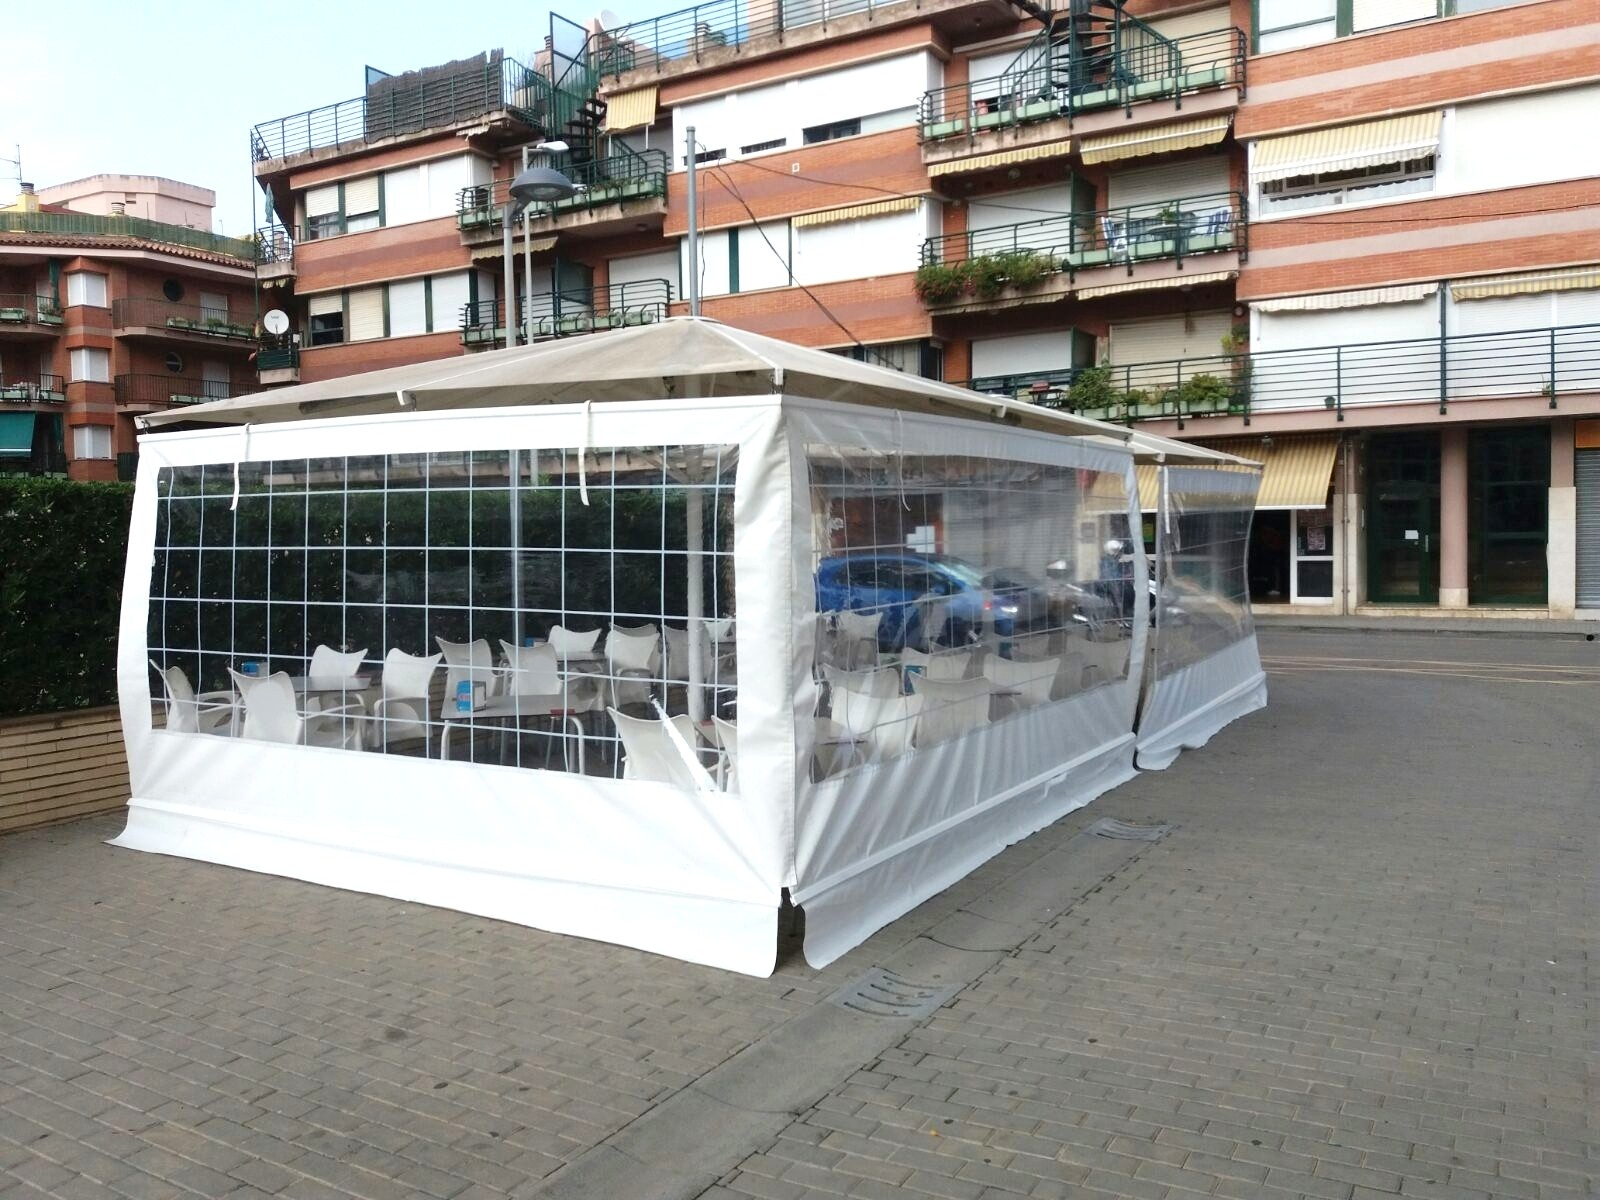 Bar En Alquiler En Pineda De Mar Barcelona Montado Y Con